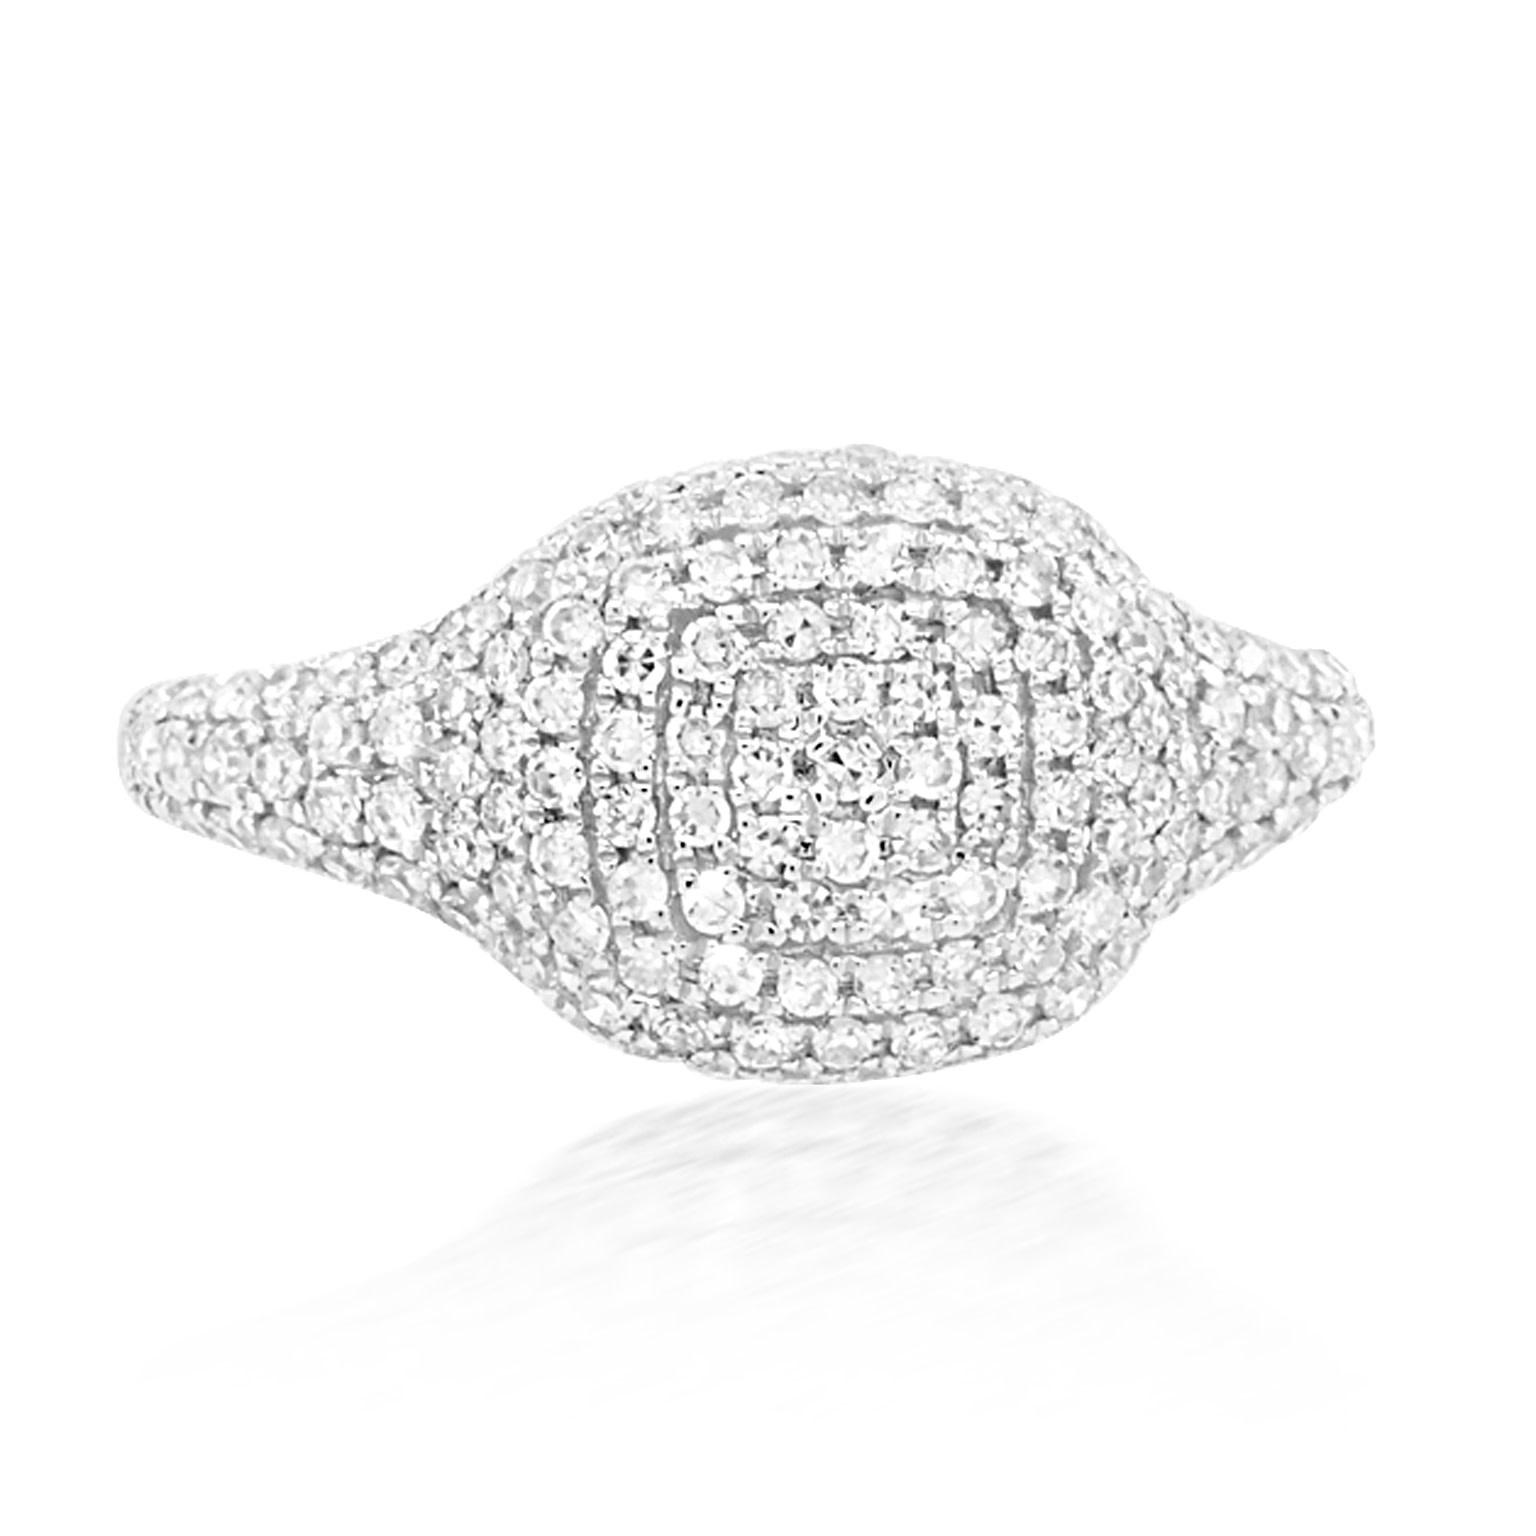 Trabert Goldsmiths Pave Diamond Cushion Pinky Ring